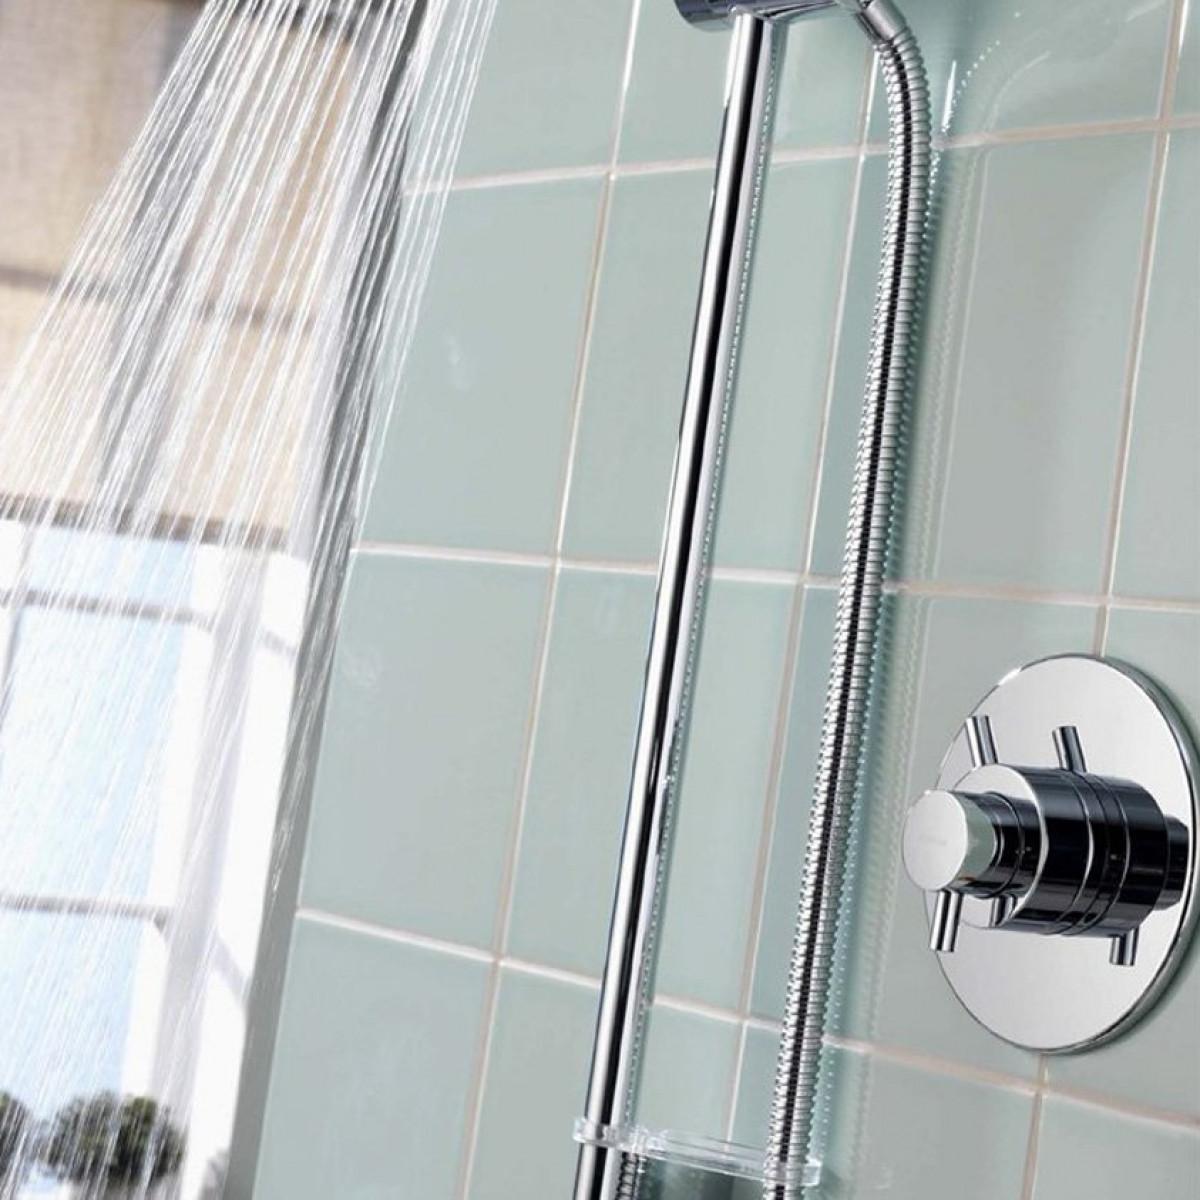 aqualisa aspire concealed shower with adjustable 105mm. Black Bedroom Furniture Sets. Home Design Ideas